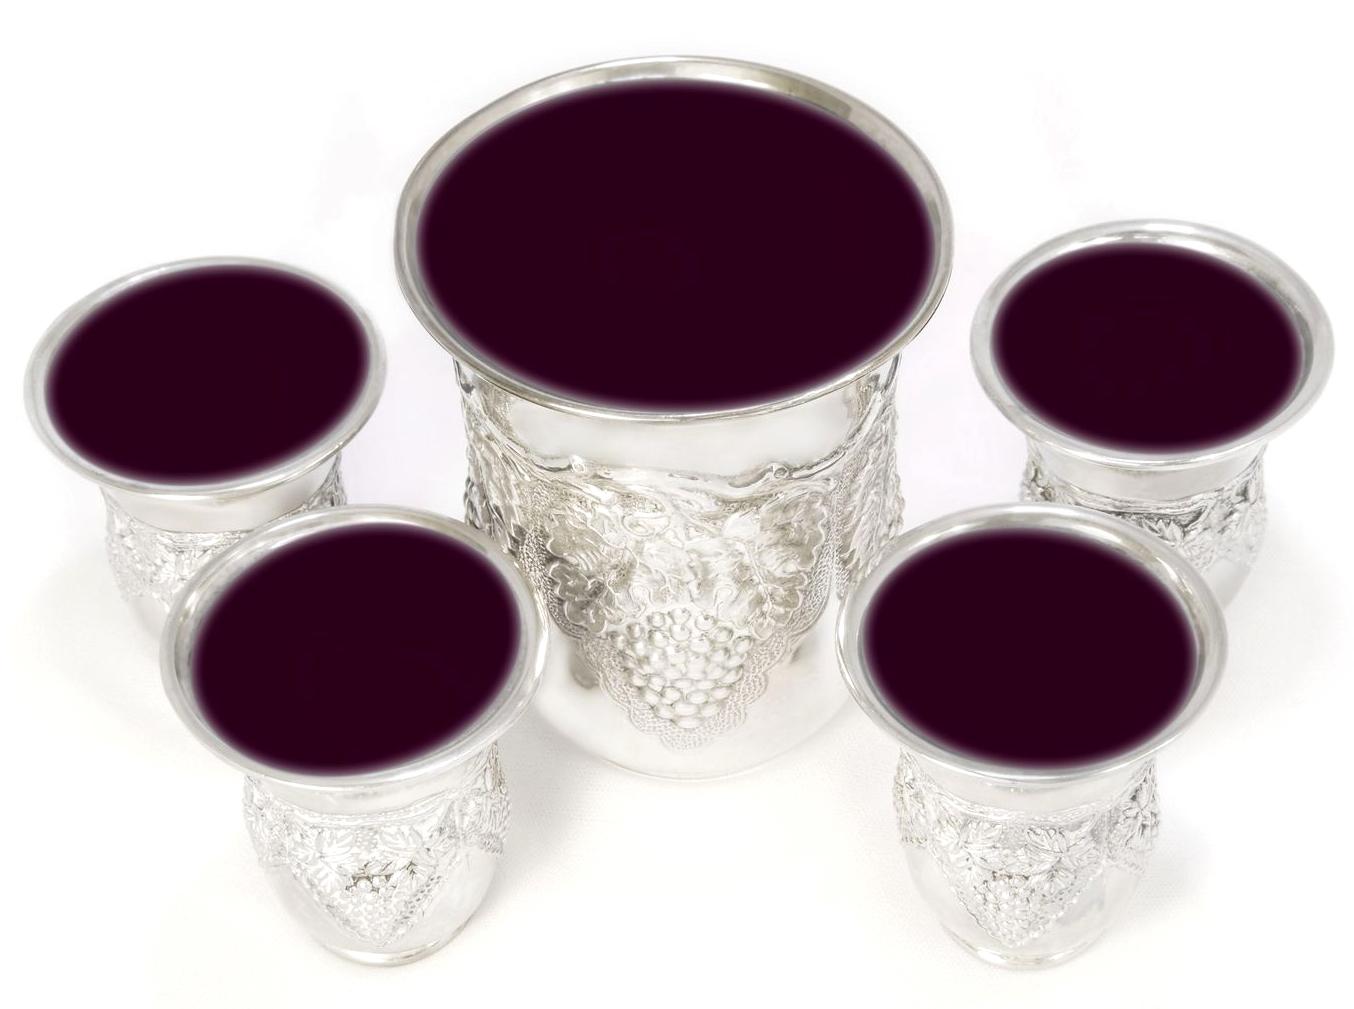 上图:在犹太人的逾越节晚餐(Passover Seder)上要喝的4个杯。这4个杯分别称为「成圣之杯」(Cup of Sanctification/Kiddush)、「释放之杯」(Cup of Deliverance)、「救恩之杯」(Cup of Redemption)、「赞美之杯」(Cup of Harrel)。中间那个大杯是「以利亚之杯」(Cup of Elijah),是给先知以利亚留着的,因为玛四5预言以利亚要在弥赛亚基督之前先来。施洗约翰就是这位基督的先锋以利亚,他很可能是在逾越节期间出生的。但犹太人没有把主耶稣当作基督来接待,所以现在他们每个逾越节晚餐还在继续等待以利亚到来。